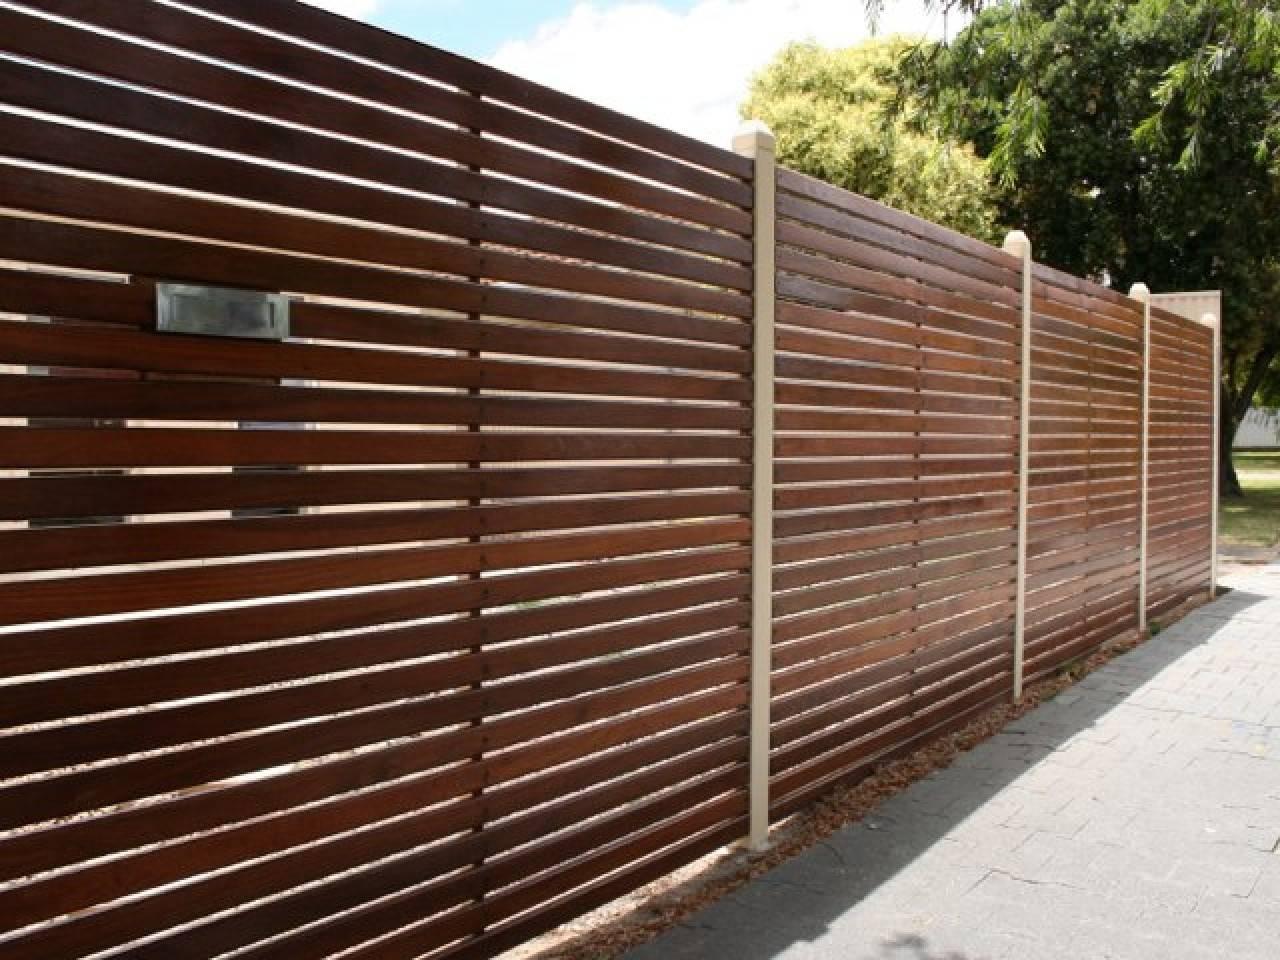 Horizontal Plank Fence Decorative Wood